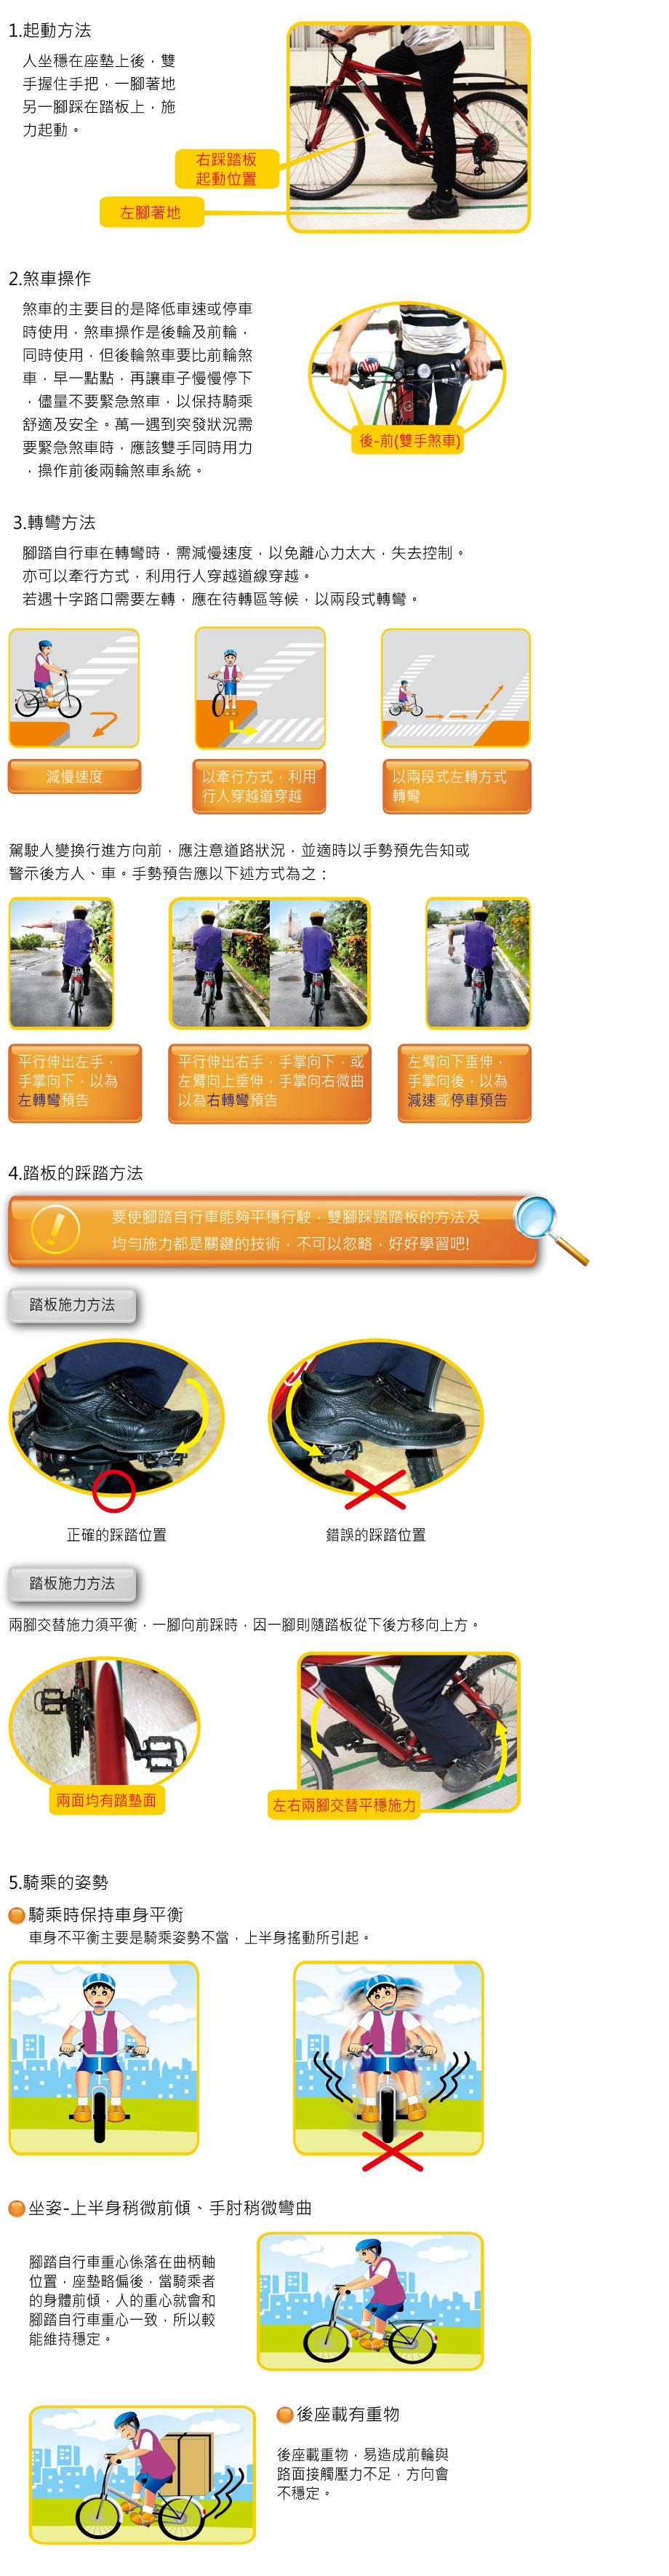 騎乘姿勢和技巧說明圖片